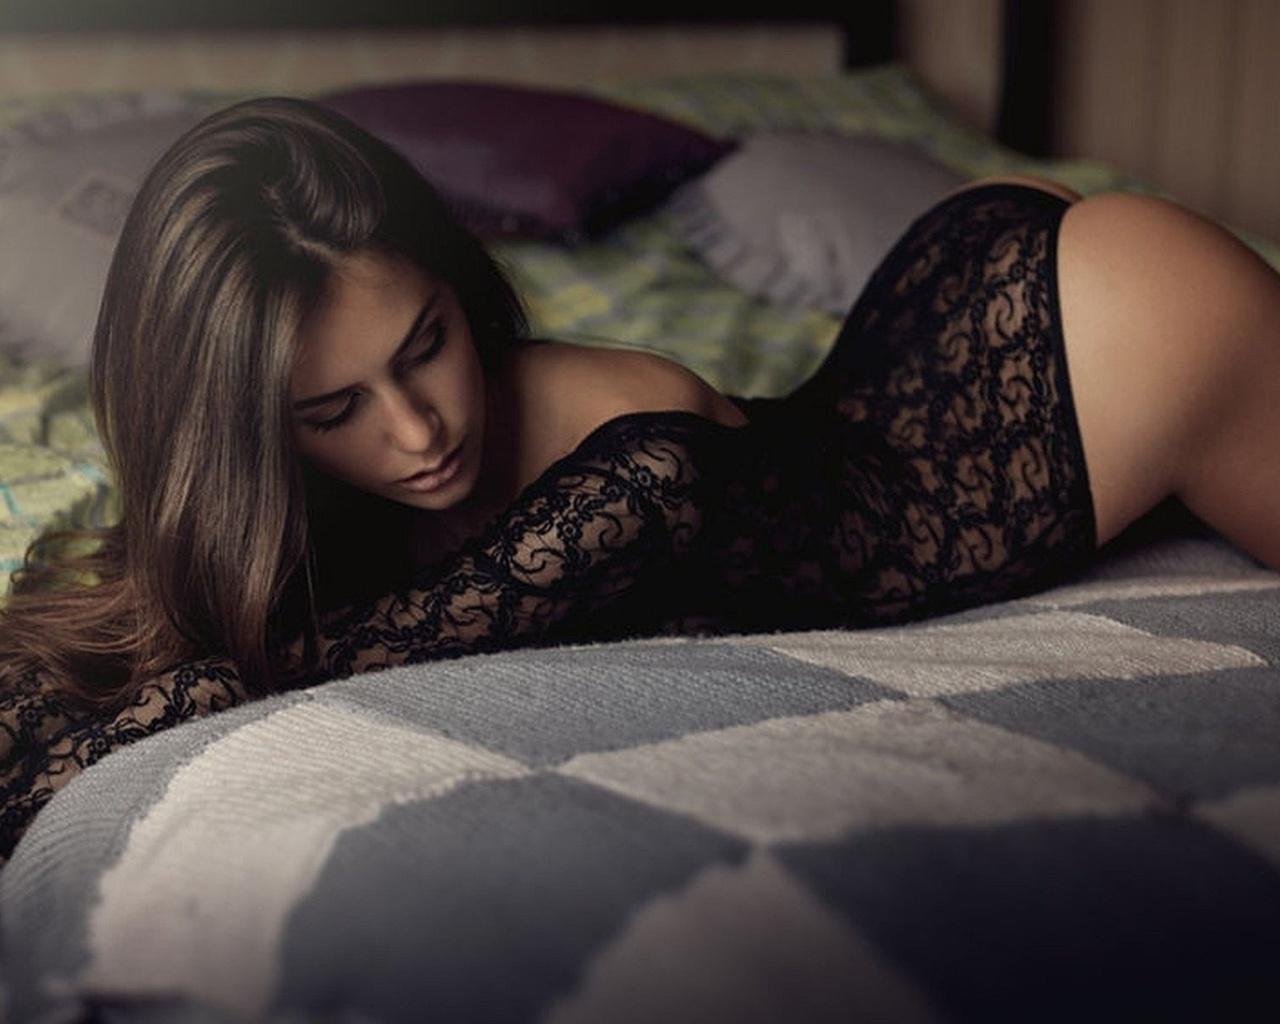 Фотосессия девушки в постели 9 фотография